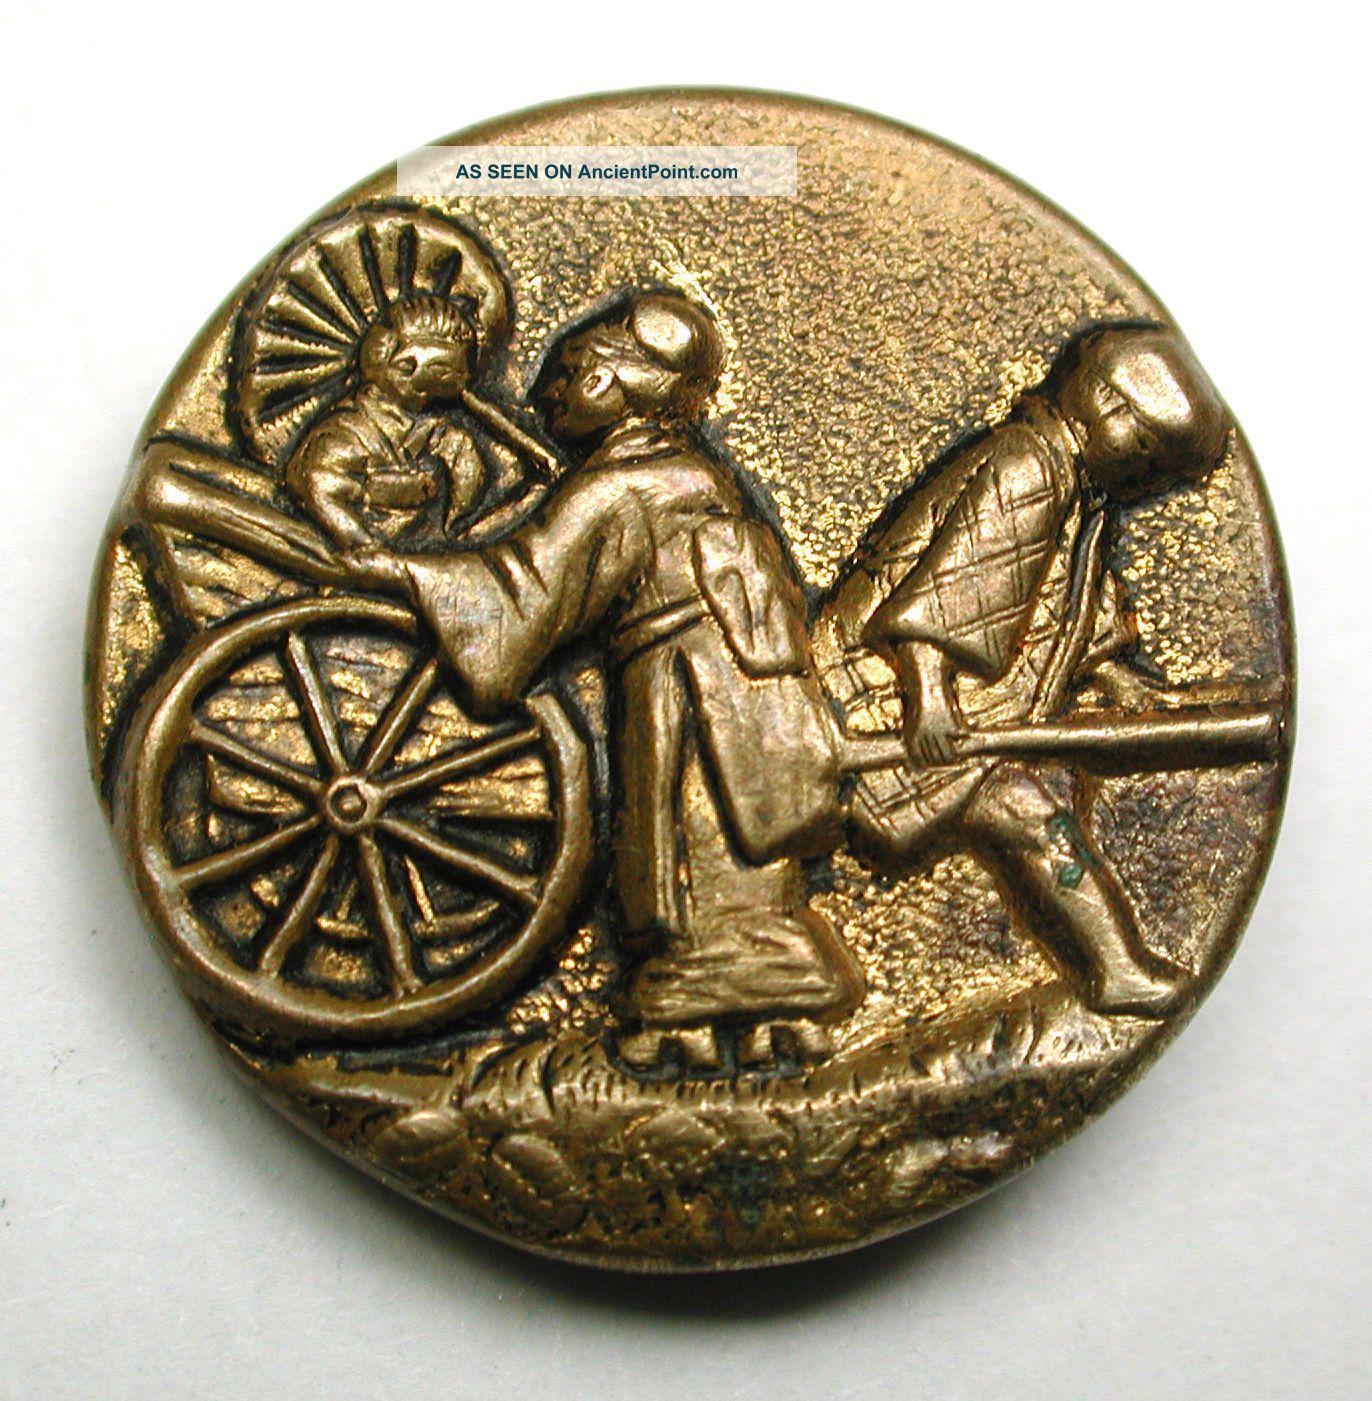 Antique Stamped Brass Button Asian Rickshaw Pictorial Design - 13/16